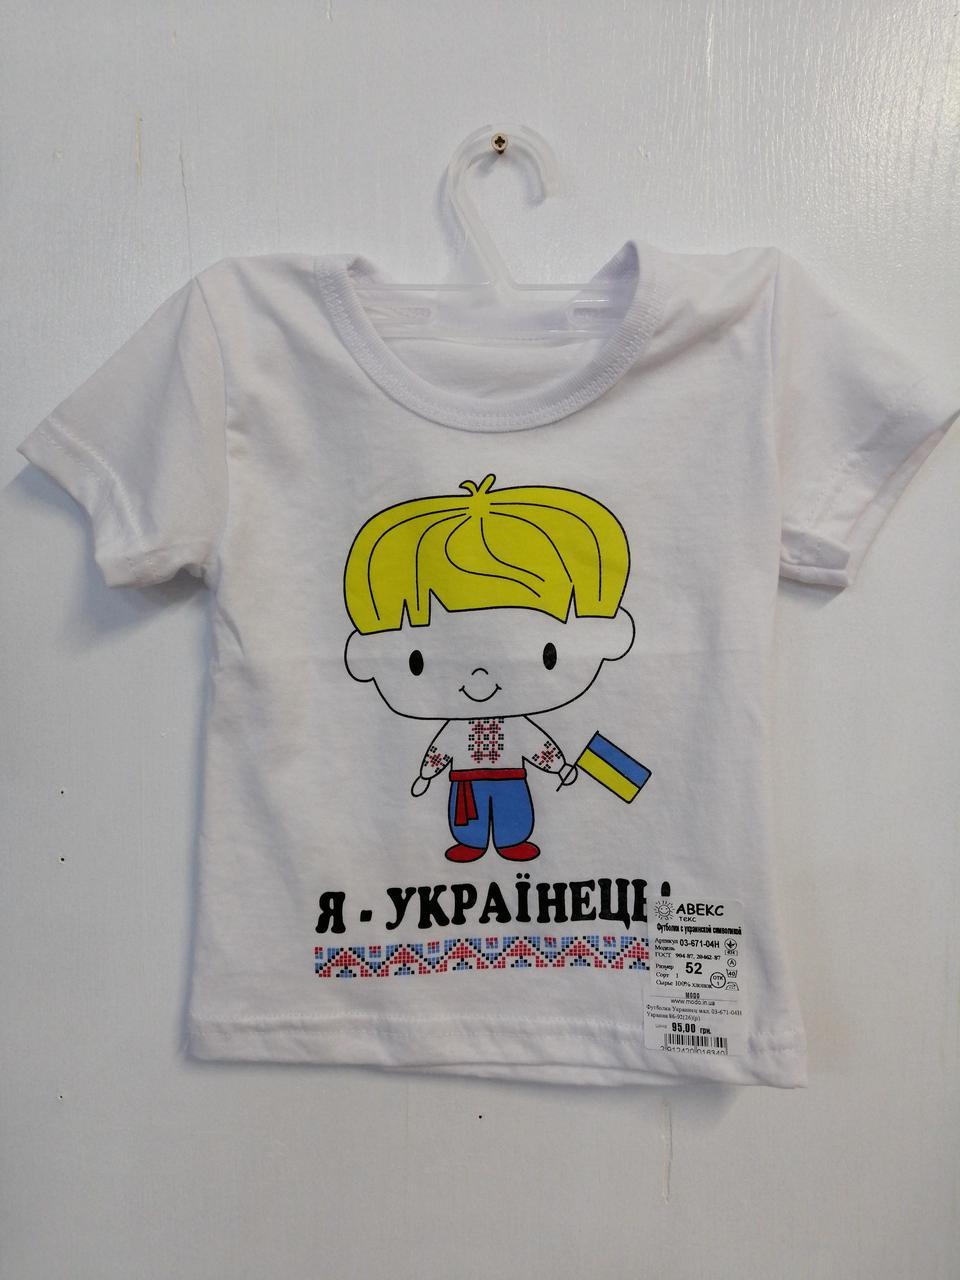 Футболки Украинец Украина 03-671-04Н